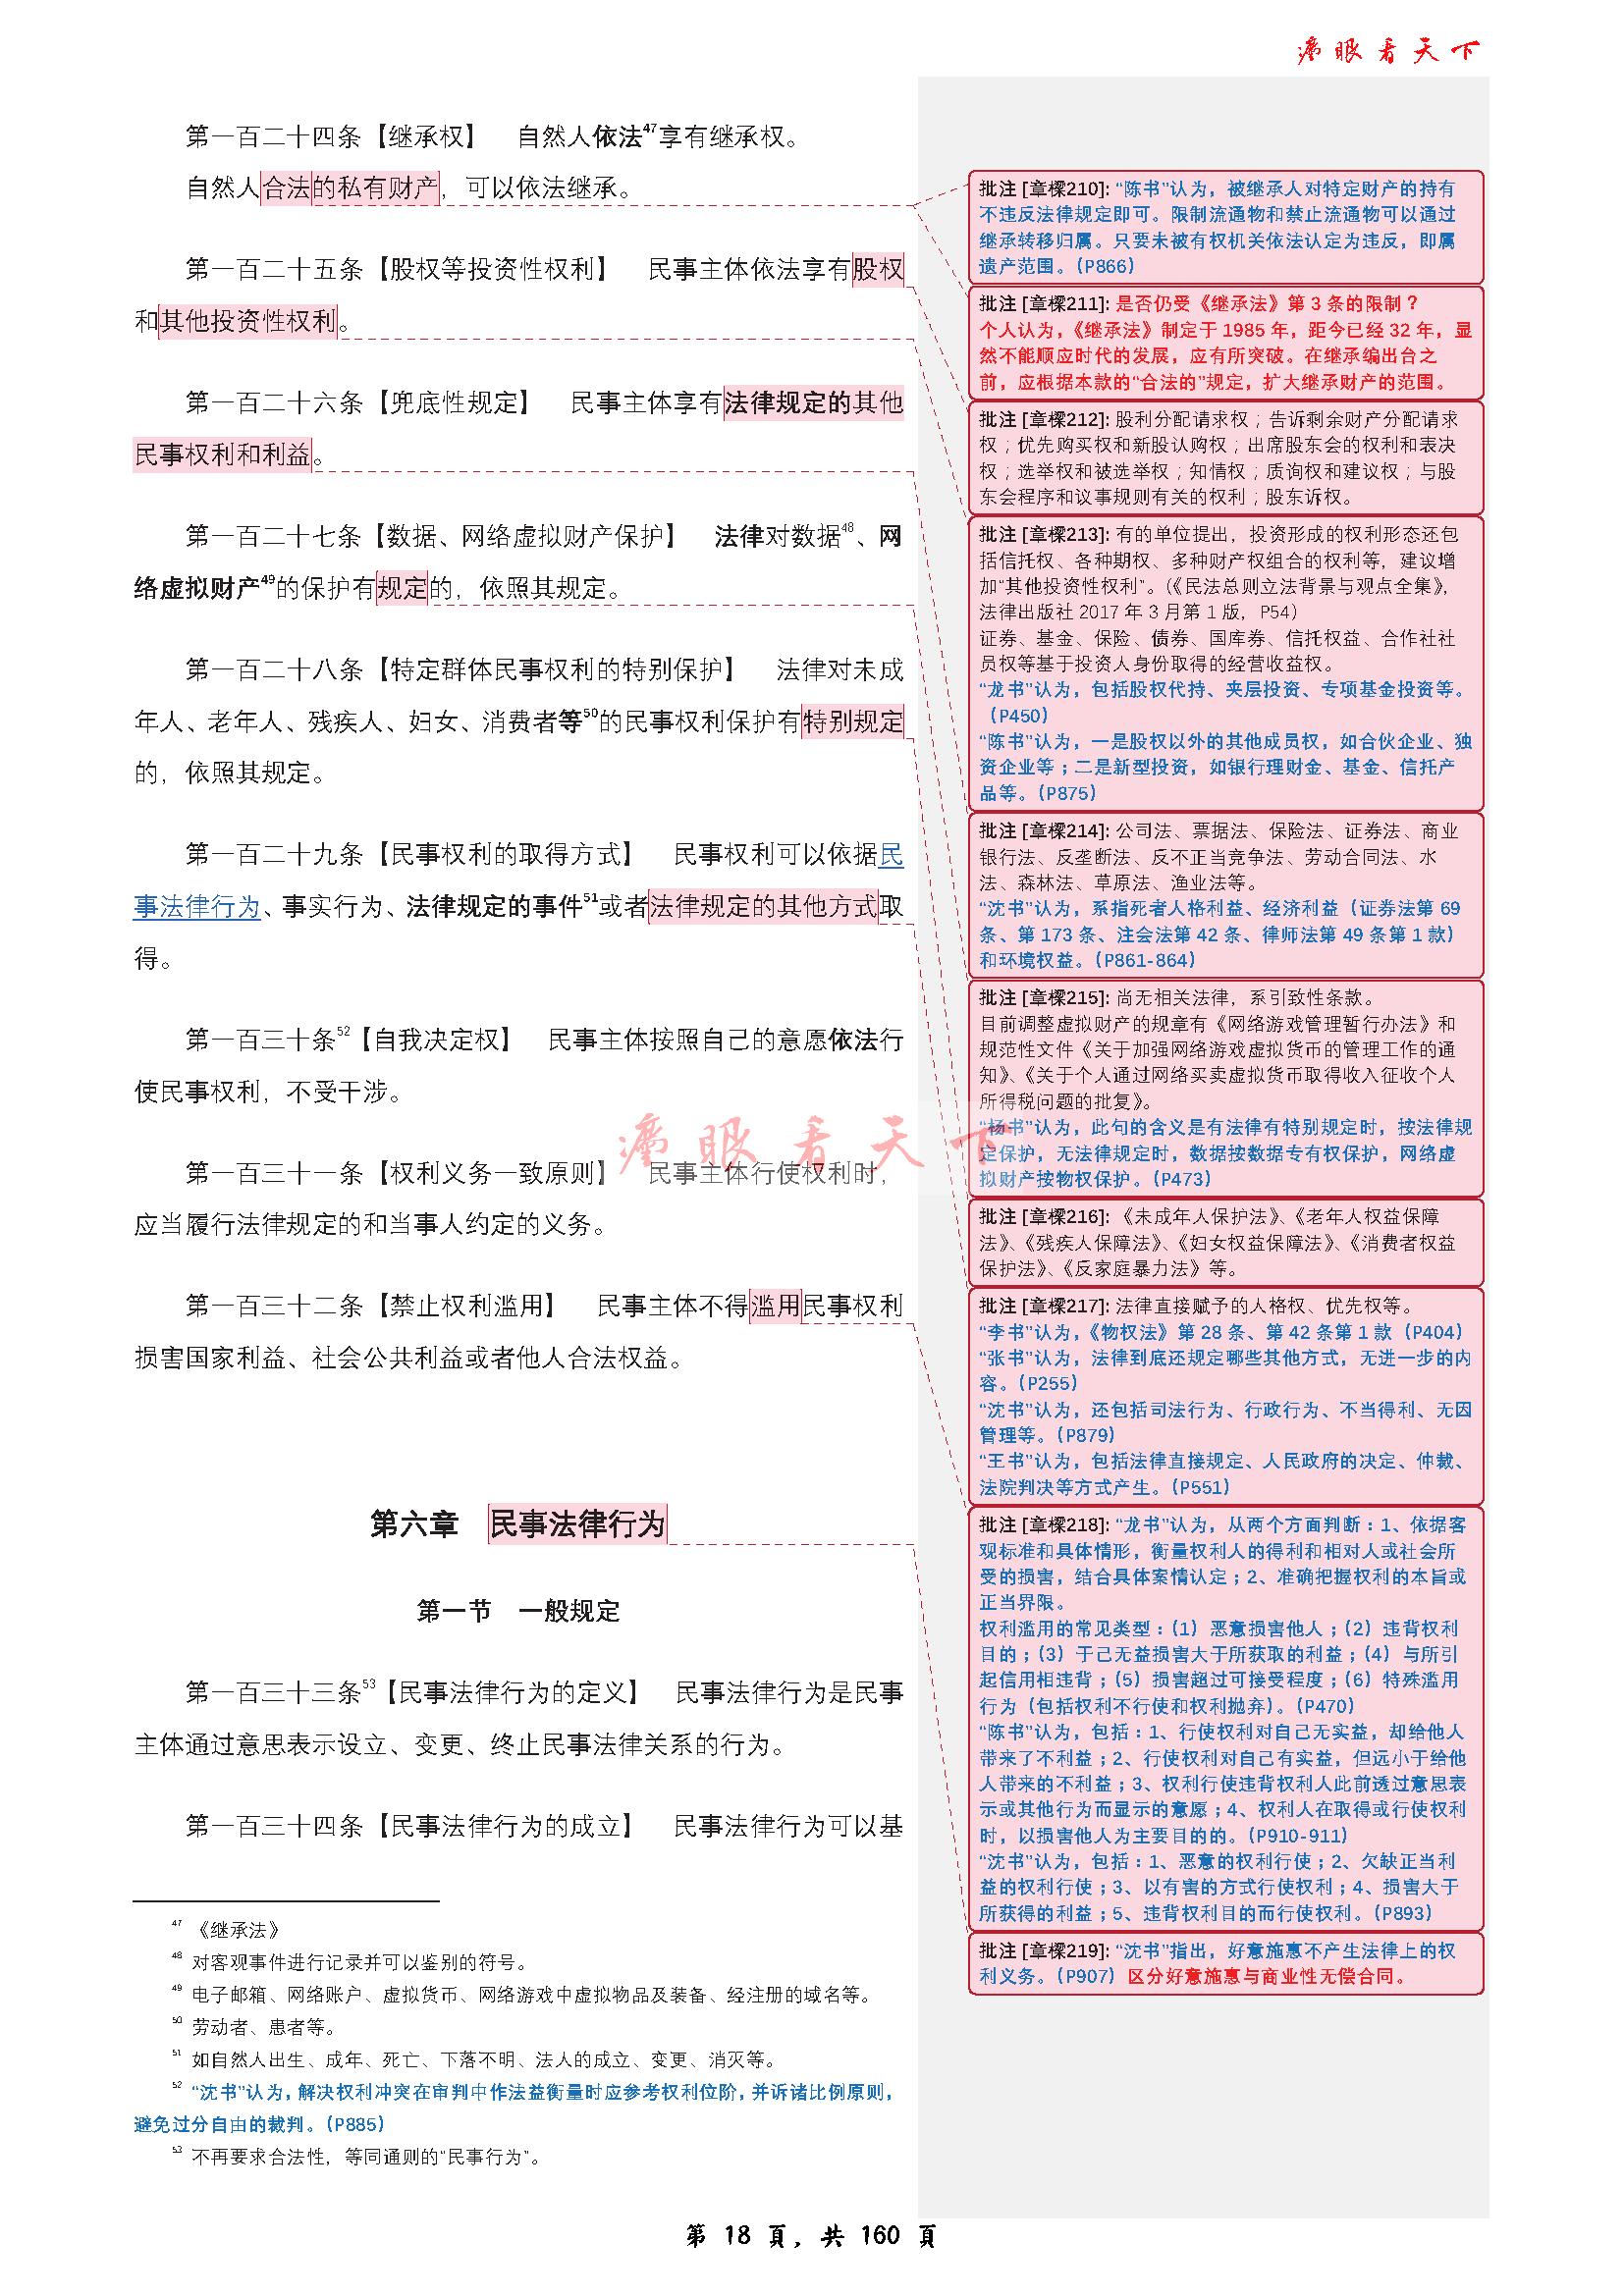 民法总则批注_页面_18.png